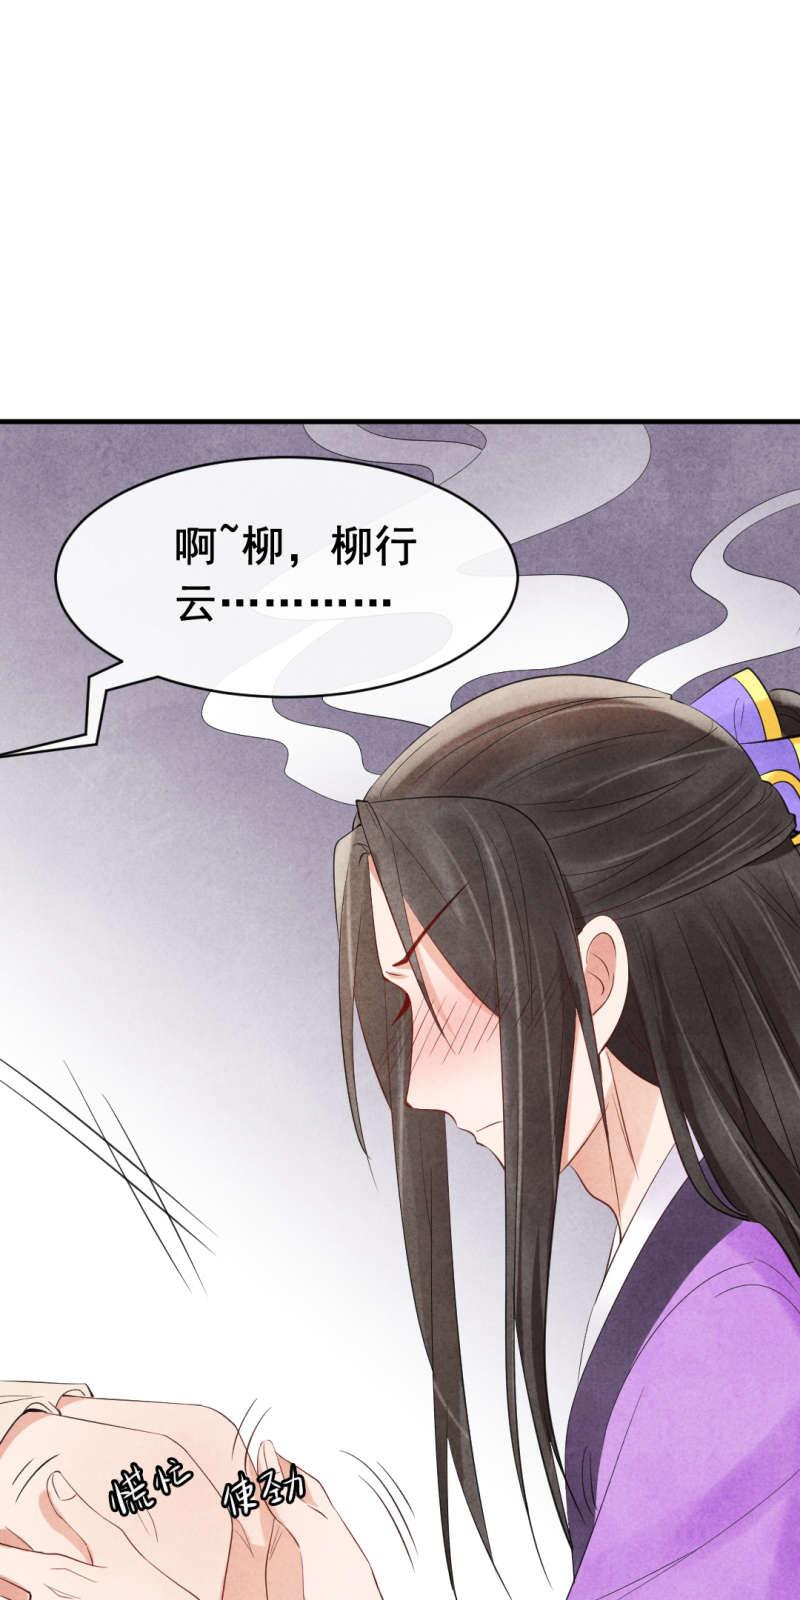 纨绔王妃要爬墙第4话  第4话 没吃饭吗?用点力! 第 47